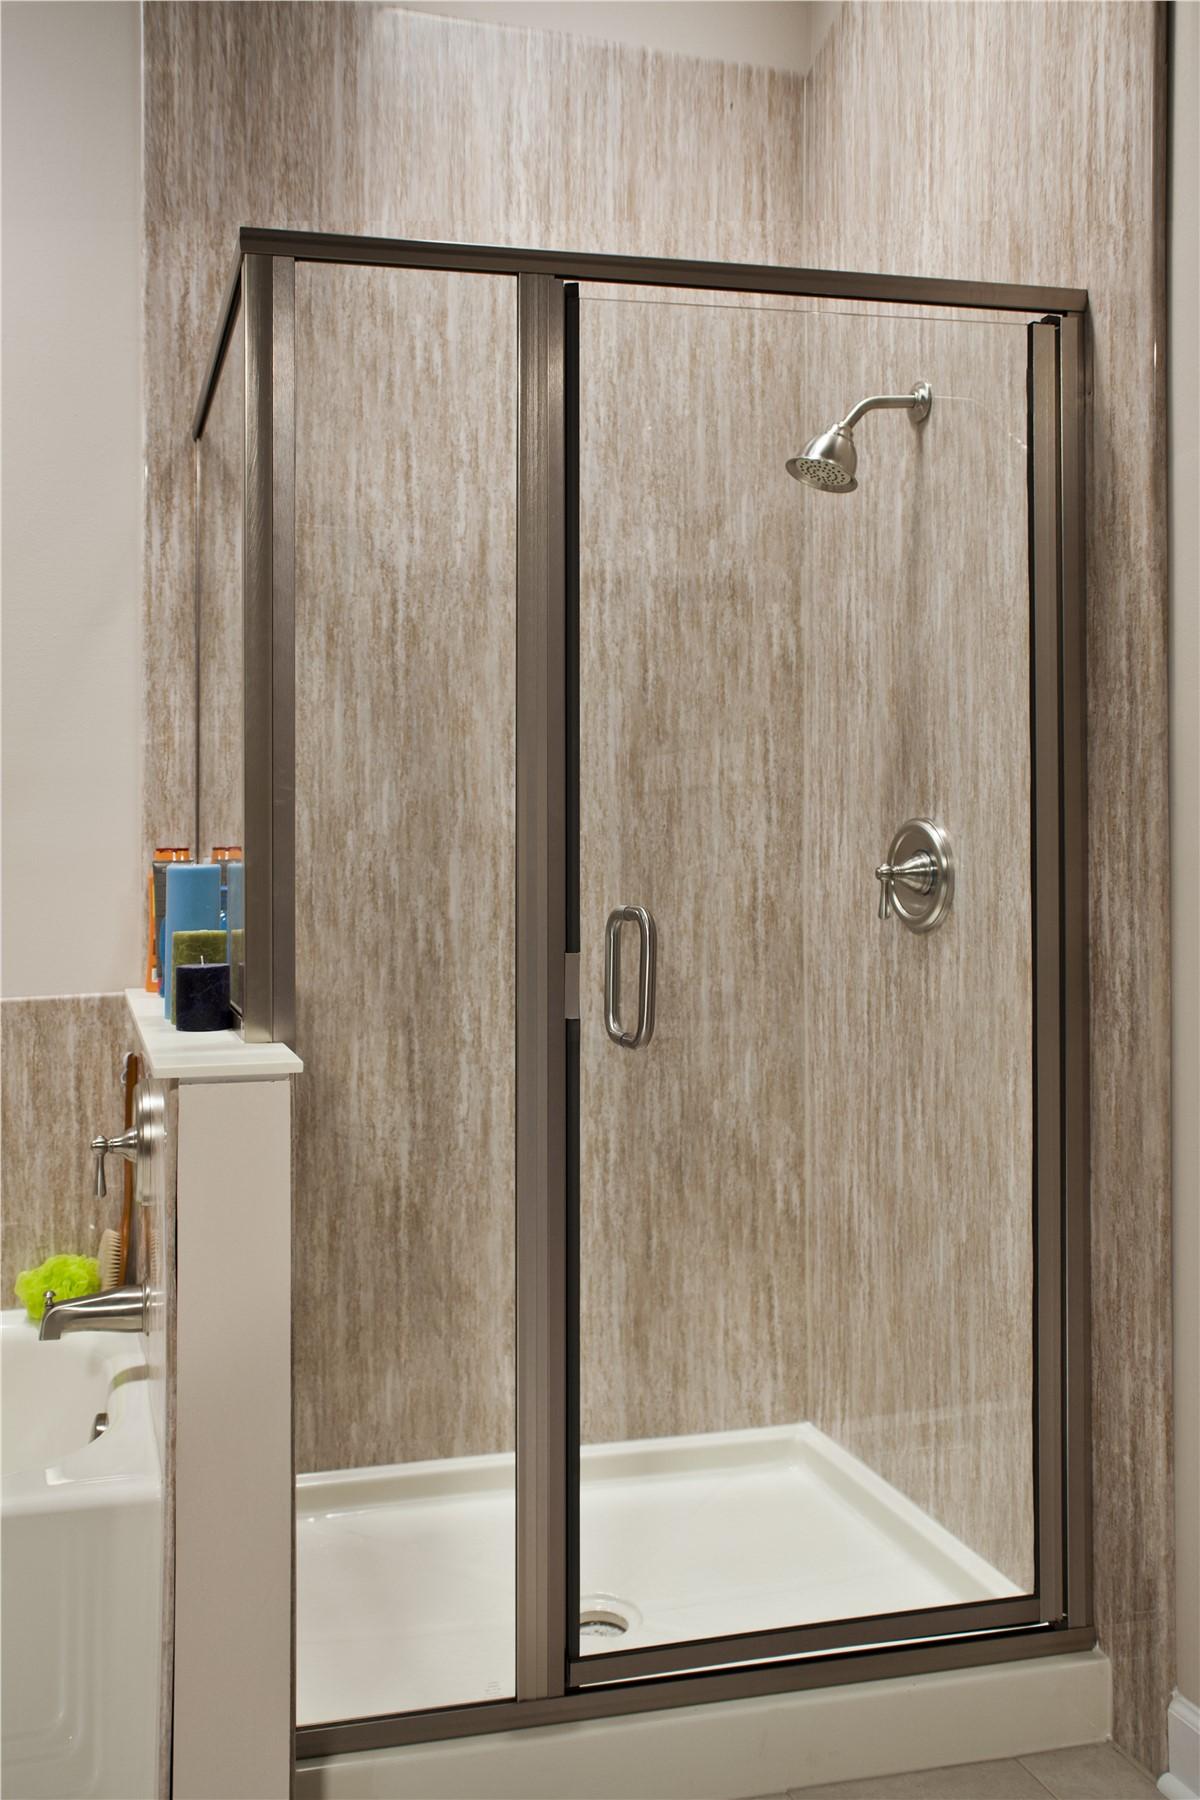 Phoenix Shower Doors | New Shower Door Company | Reliant